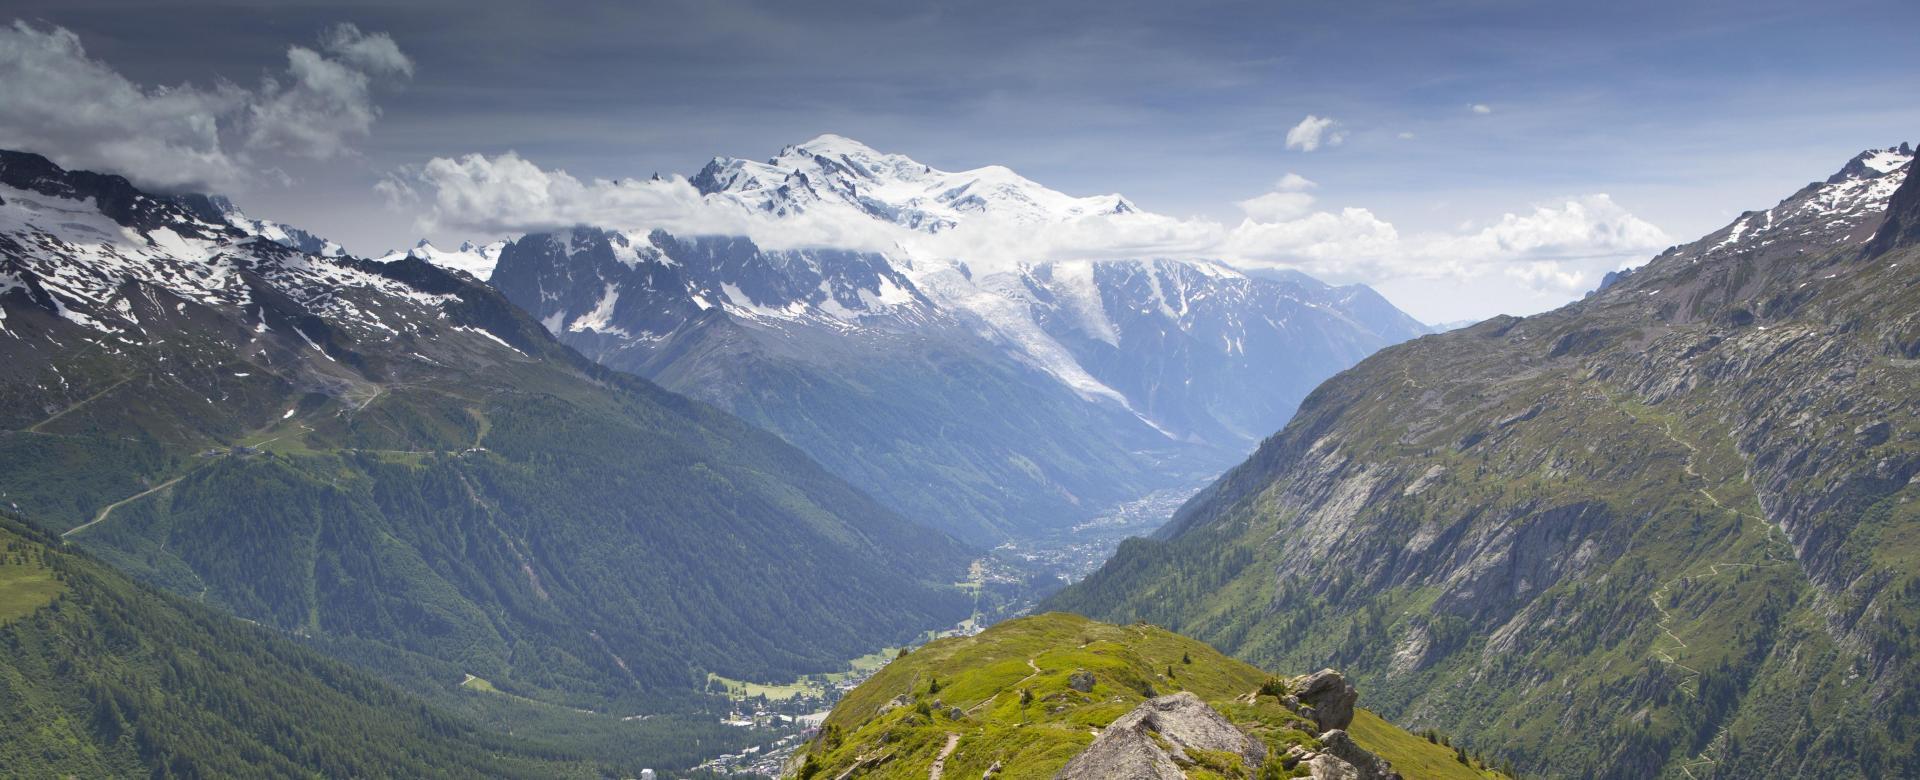 Voyage à pied : Le grand tour du mont-blanc confort